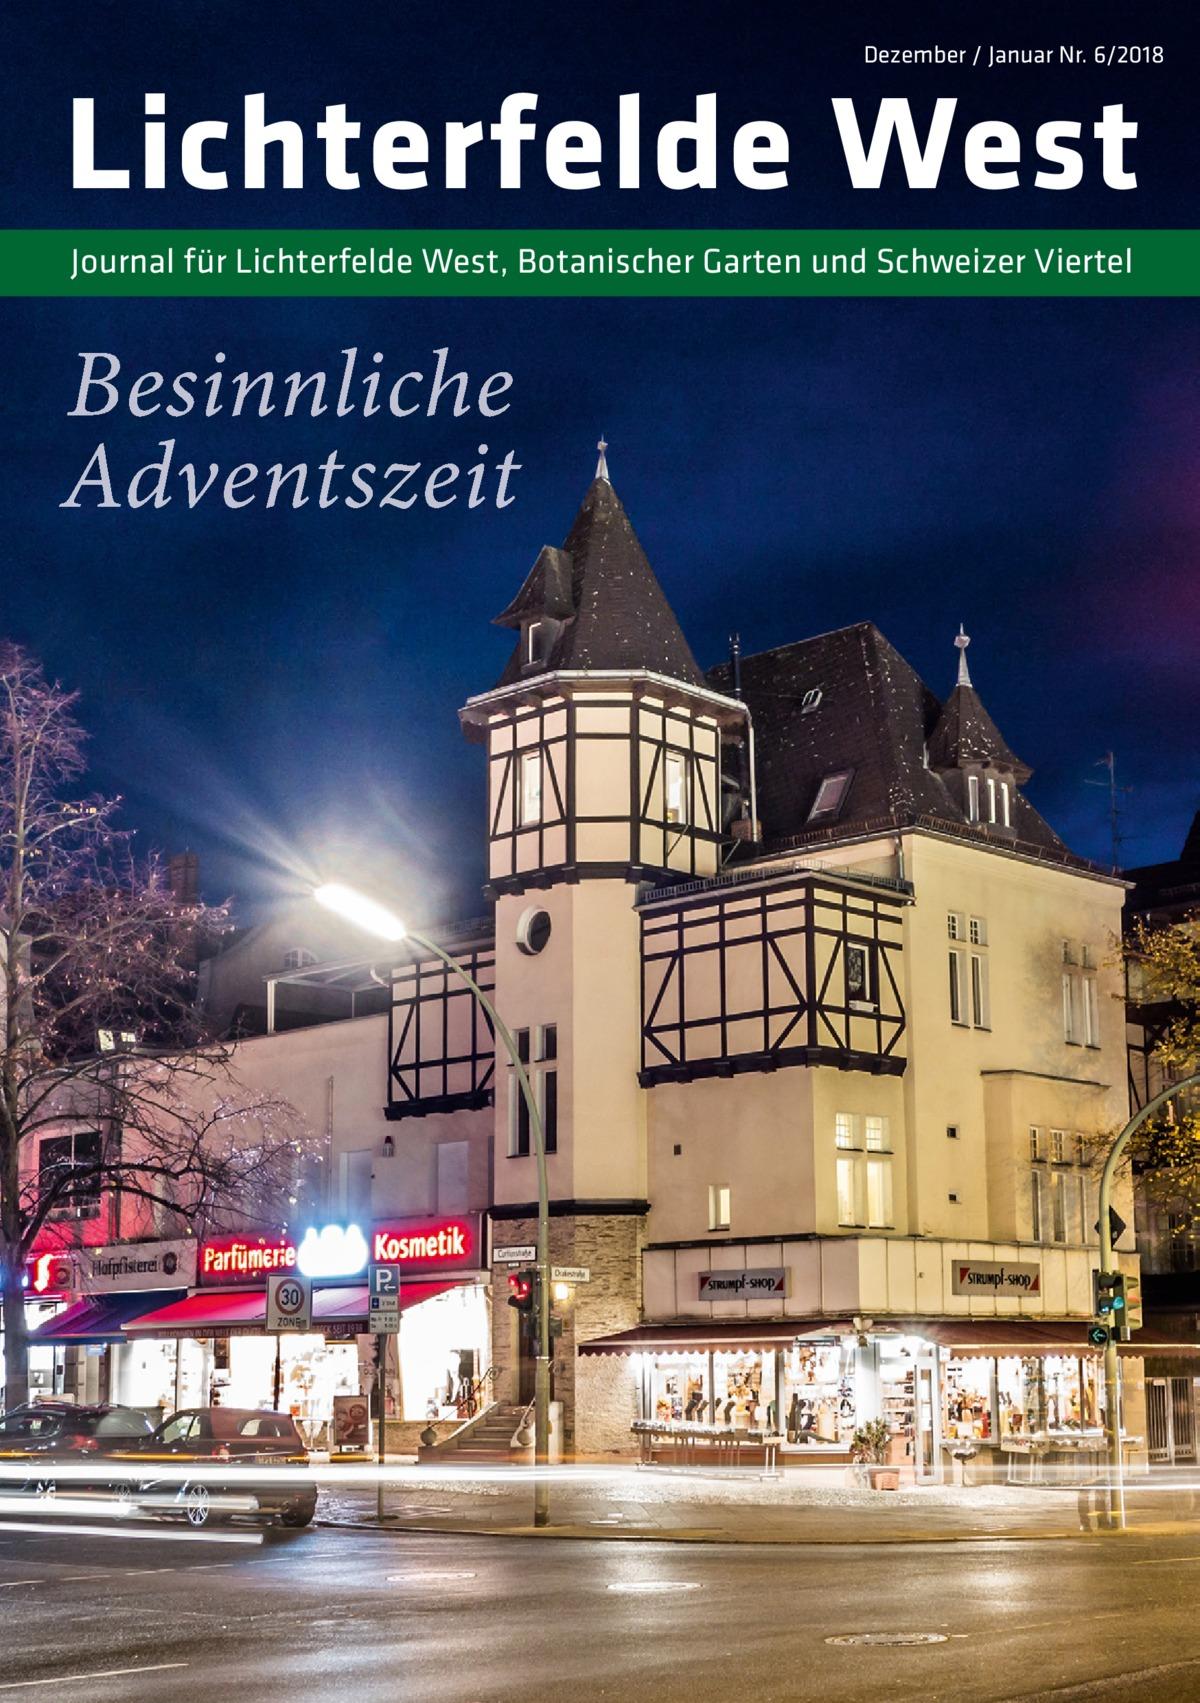 Dezember / Januar Nr. 6/2018  Lichterfelde West Journal für Lichterfelde West, Botanischer Garten und Schweizer Viertel  Besinnliche Adventszeit